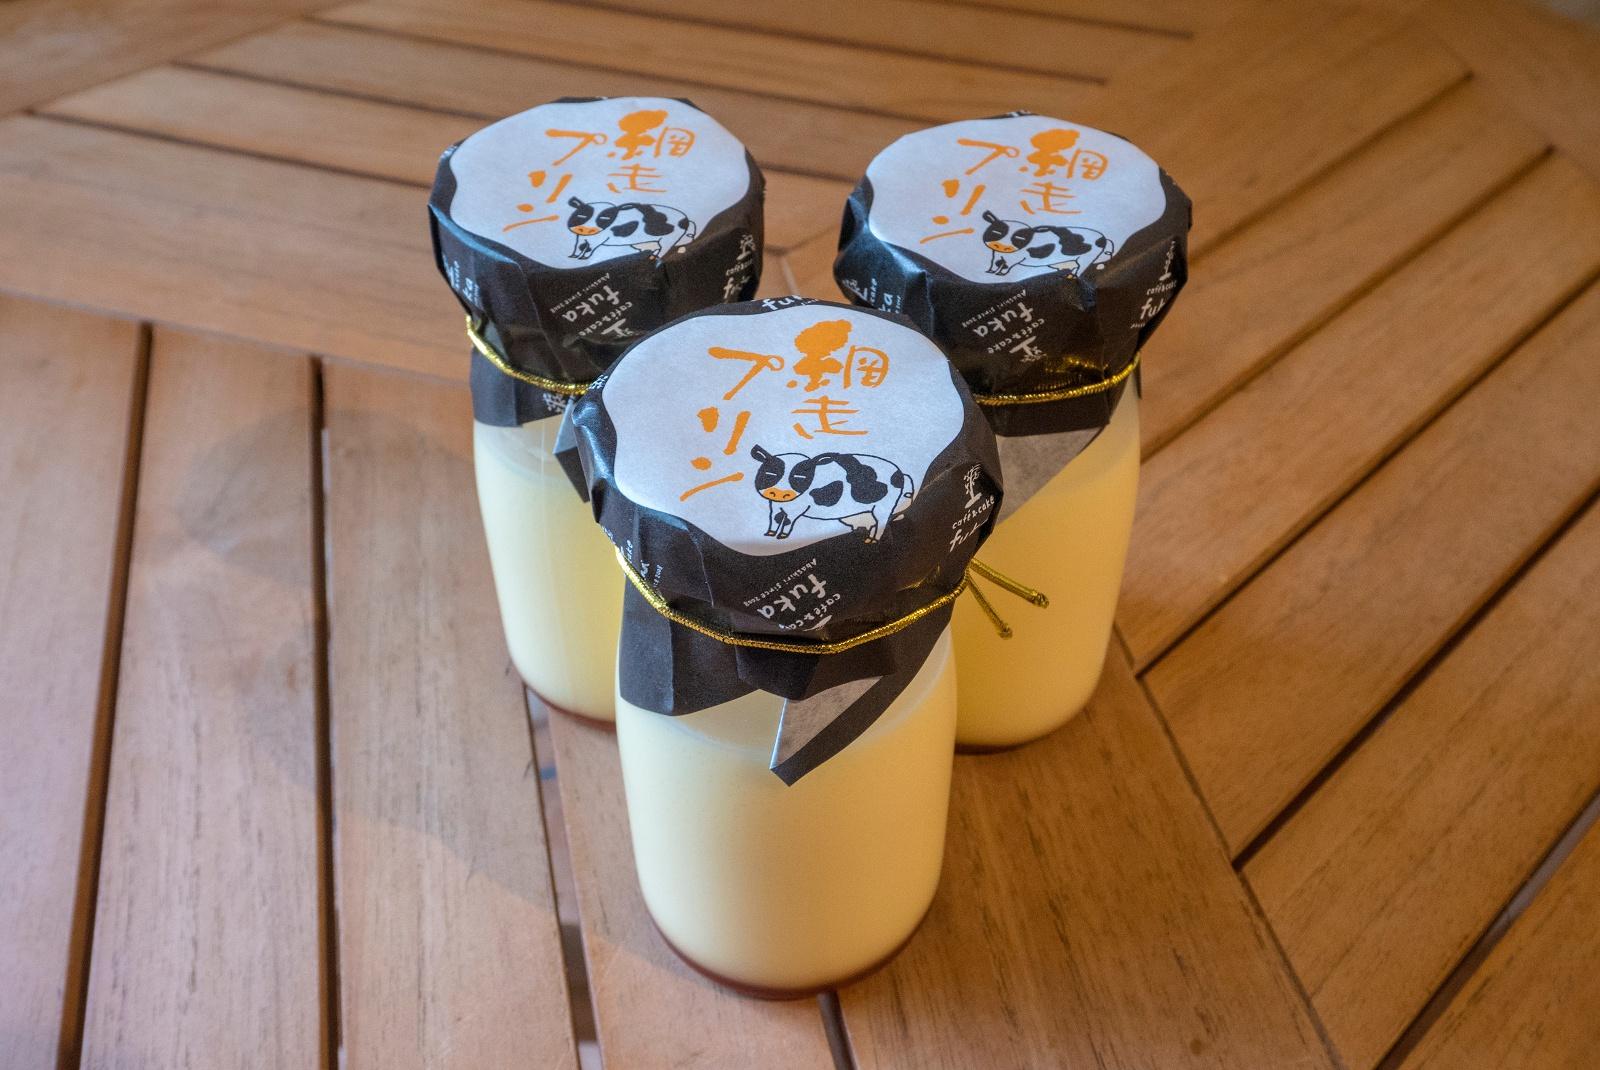 低温殺菌牛乳を贅沢に使うからおいしい!「風花」イチ押し 網走プリン